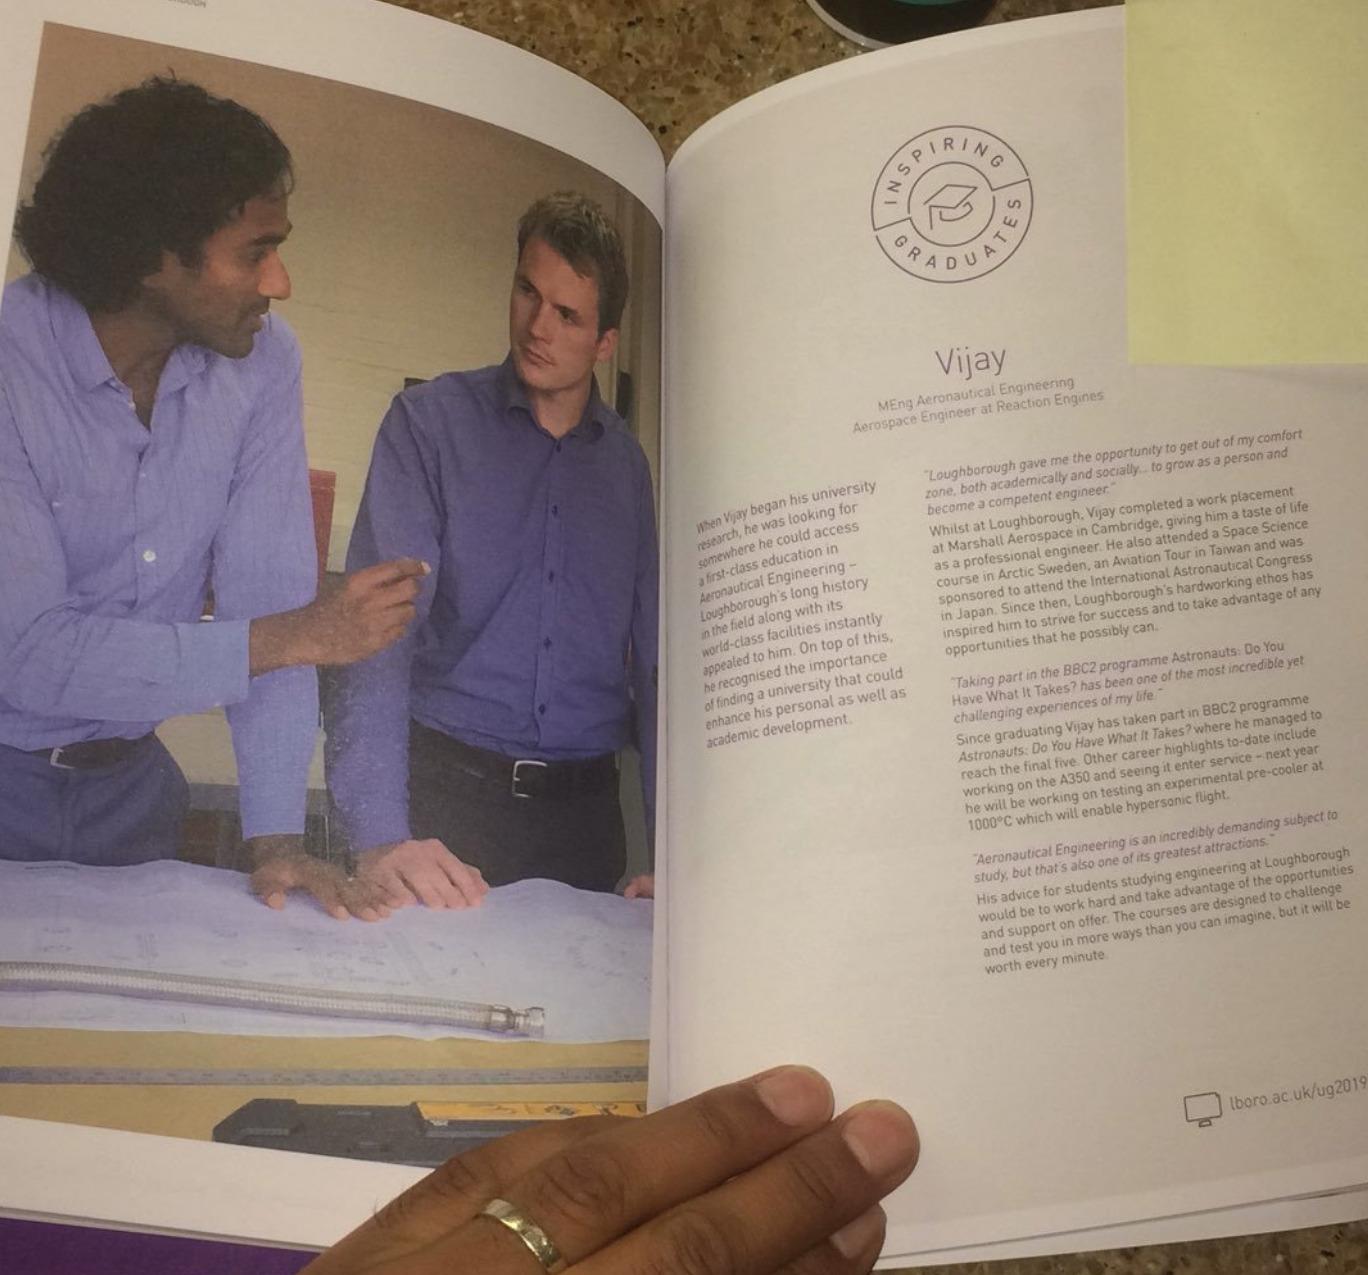 Book:  Loughborough Unviversity - Inspiring Graduates